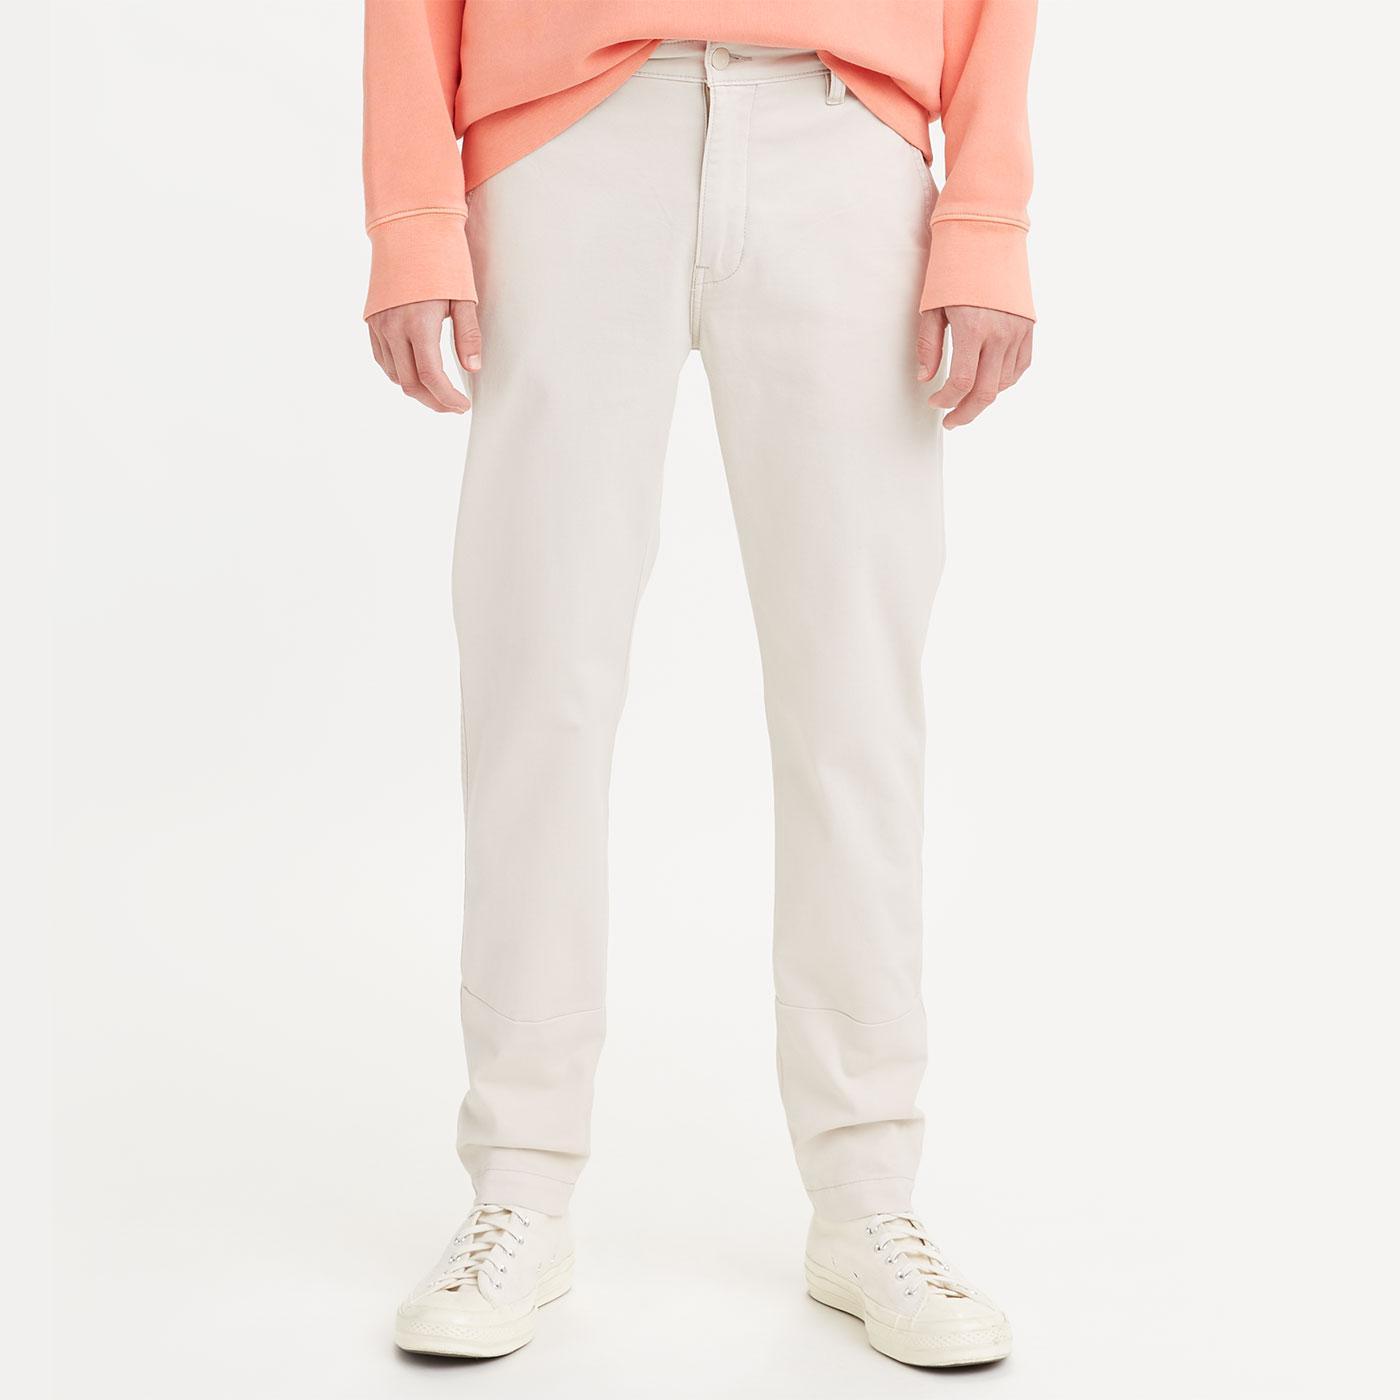 LEVI'S XX Chino Slim Taper Twill Trousers (Pumice)